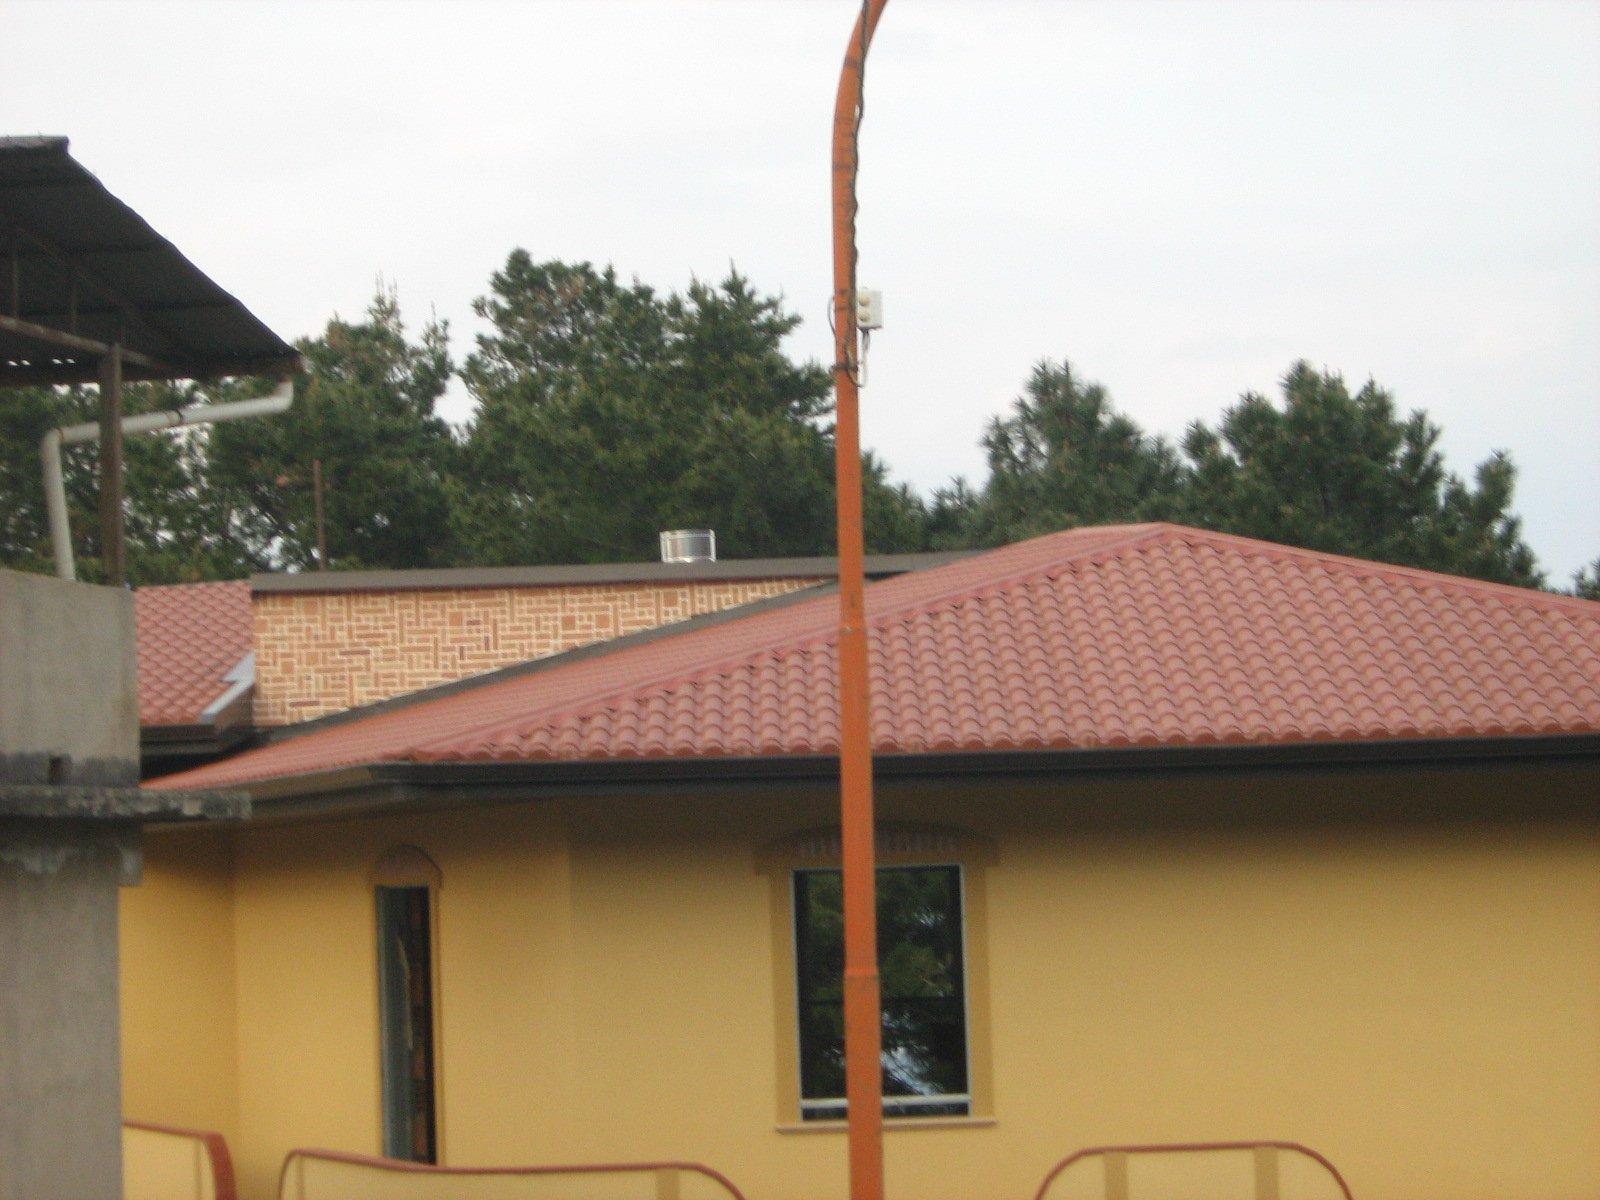 casa dietro un palo della luce